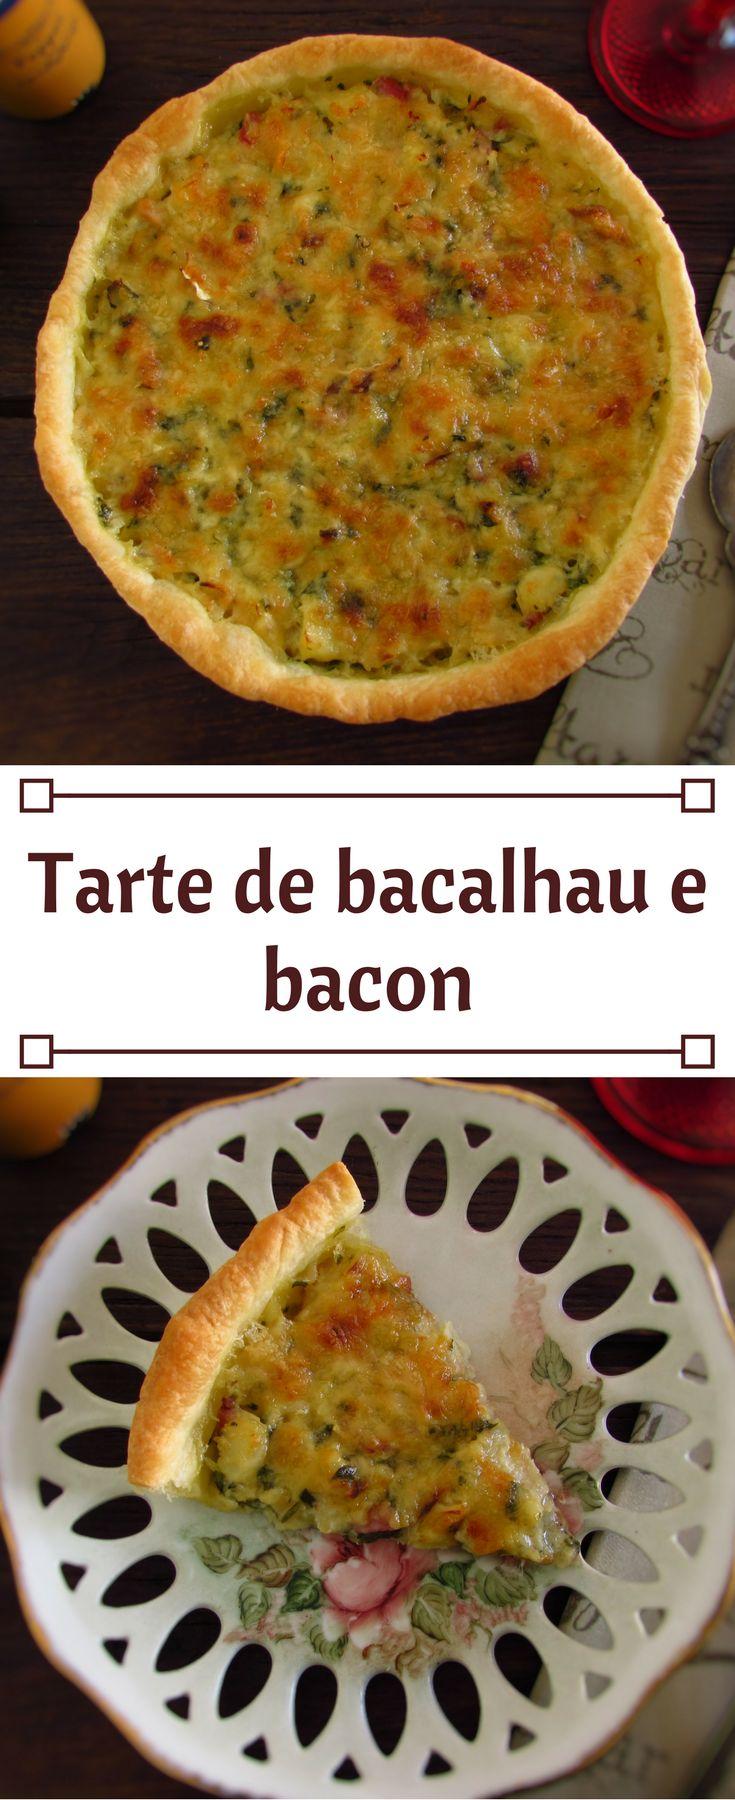 Tarte de bacalhau e bacon | Food From Portugal. Vai receber amigos em casa e quer preparar um jantar diferente? Prepare esta deliciosa tarte de bacalhau e bacon! Vai surpreender os seus amigos com esta receita bastante saborosa e agradável! #tarte #receita #bacalhau #bacon